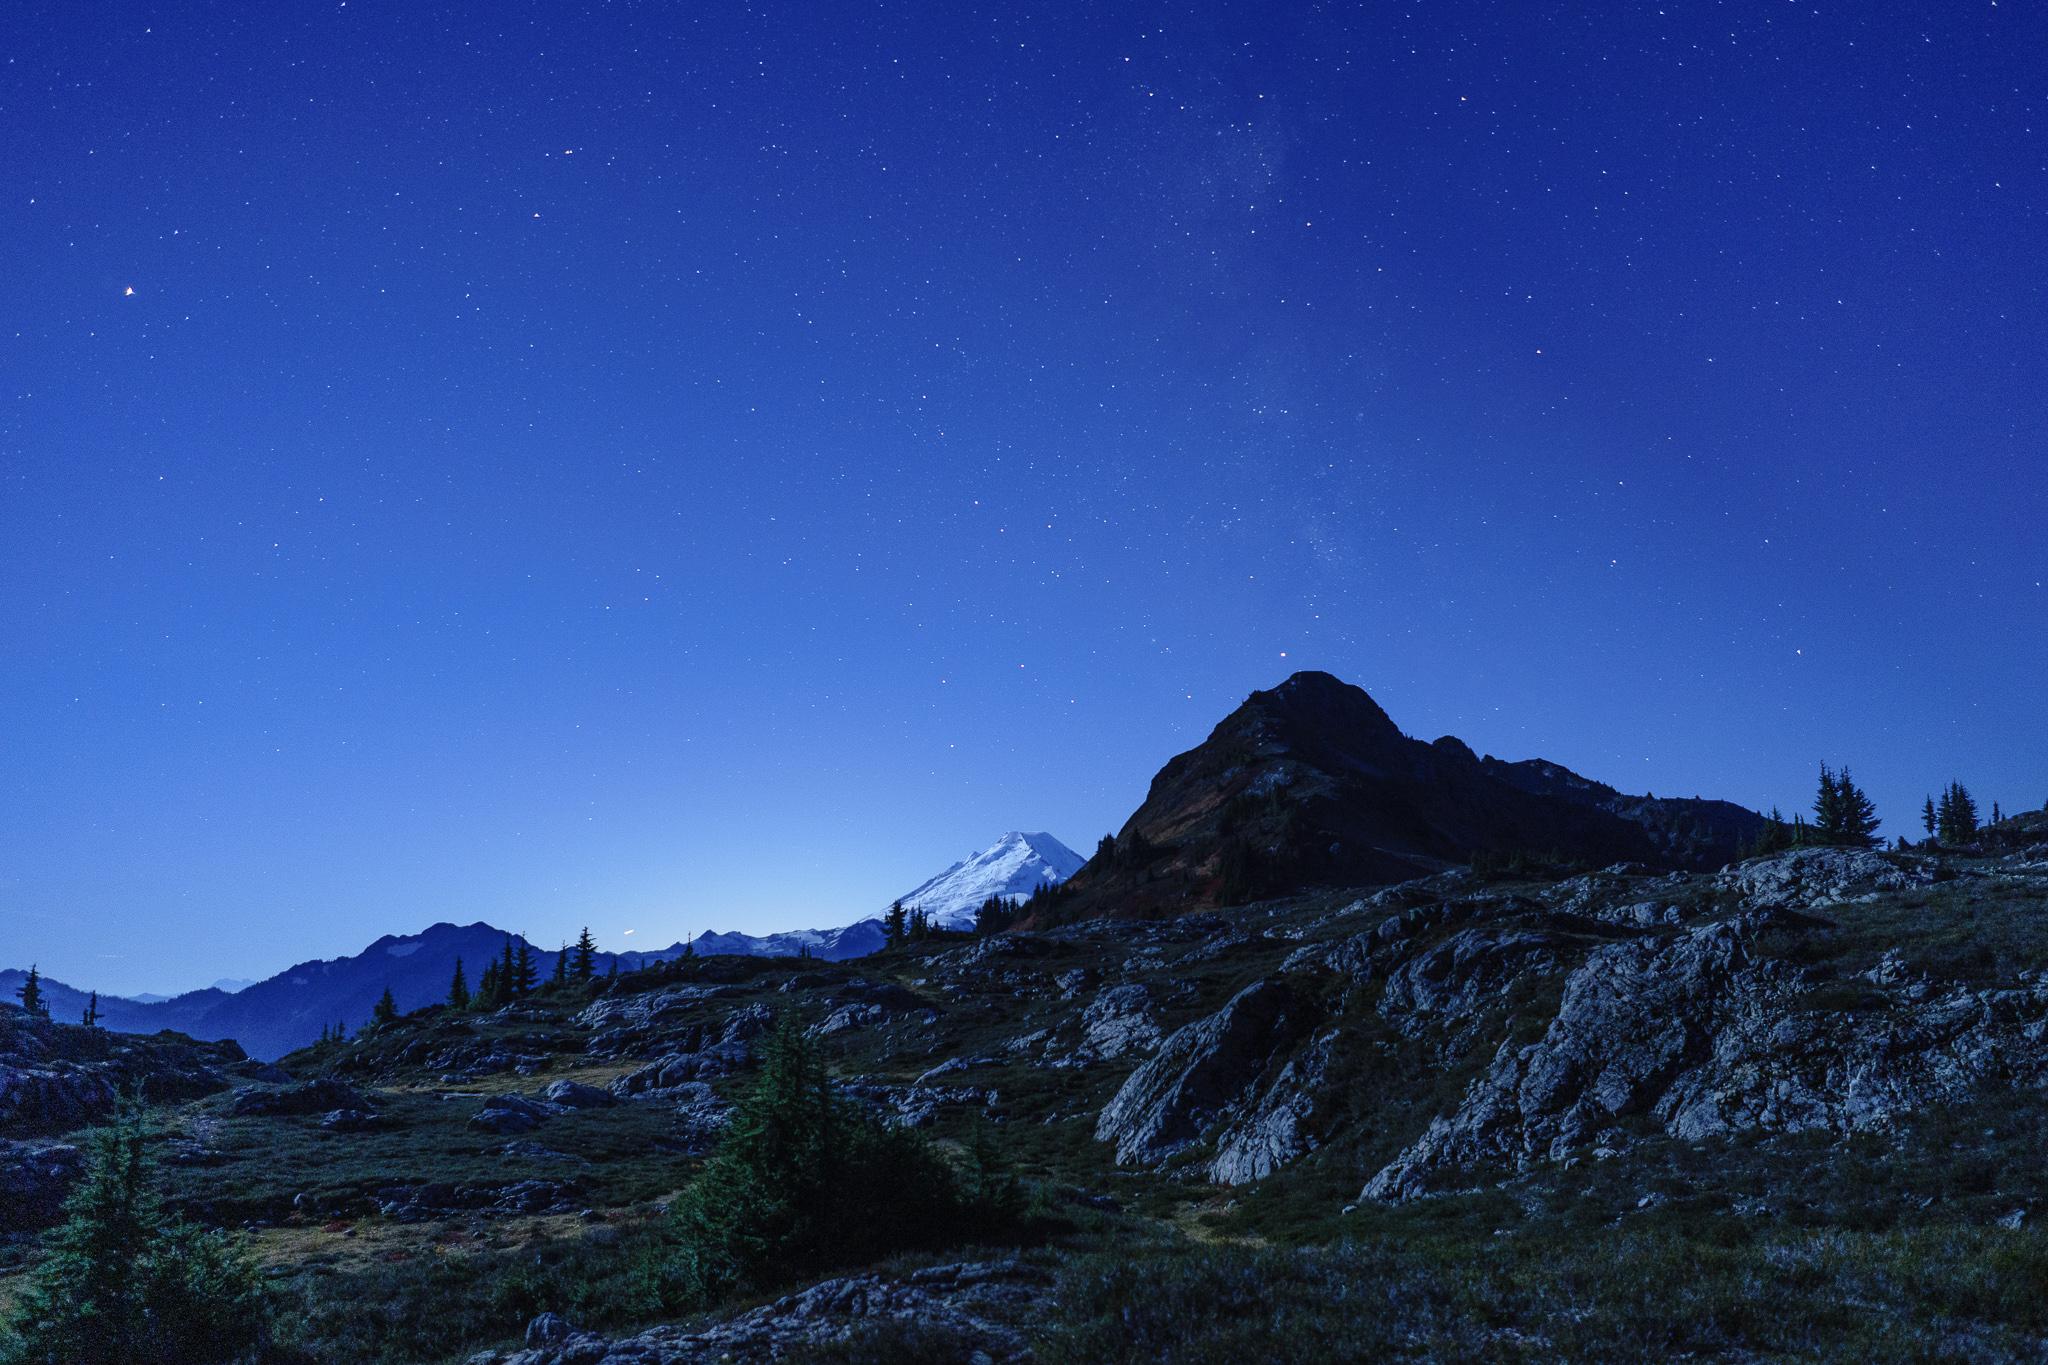 Mt. Baker + Milky way